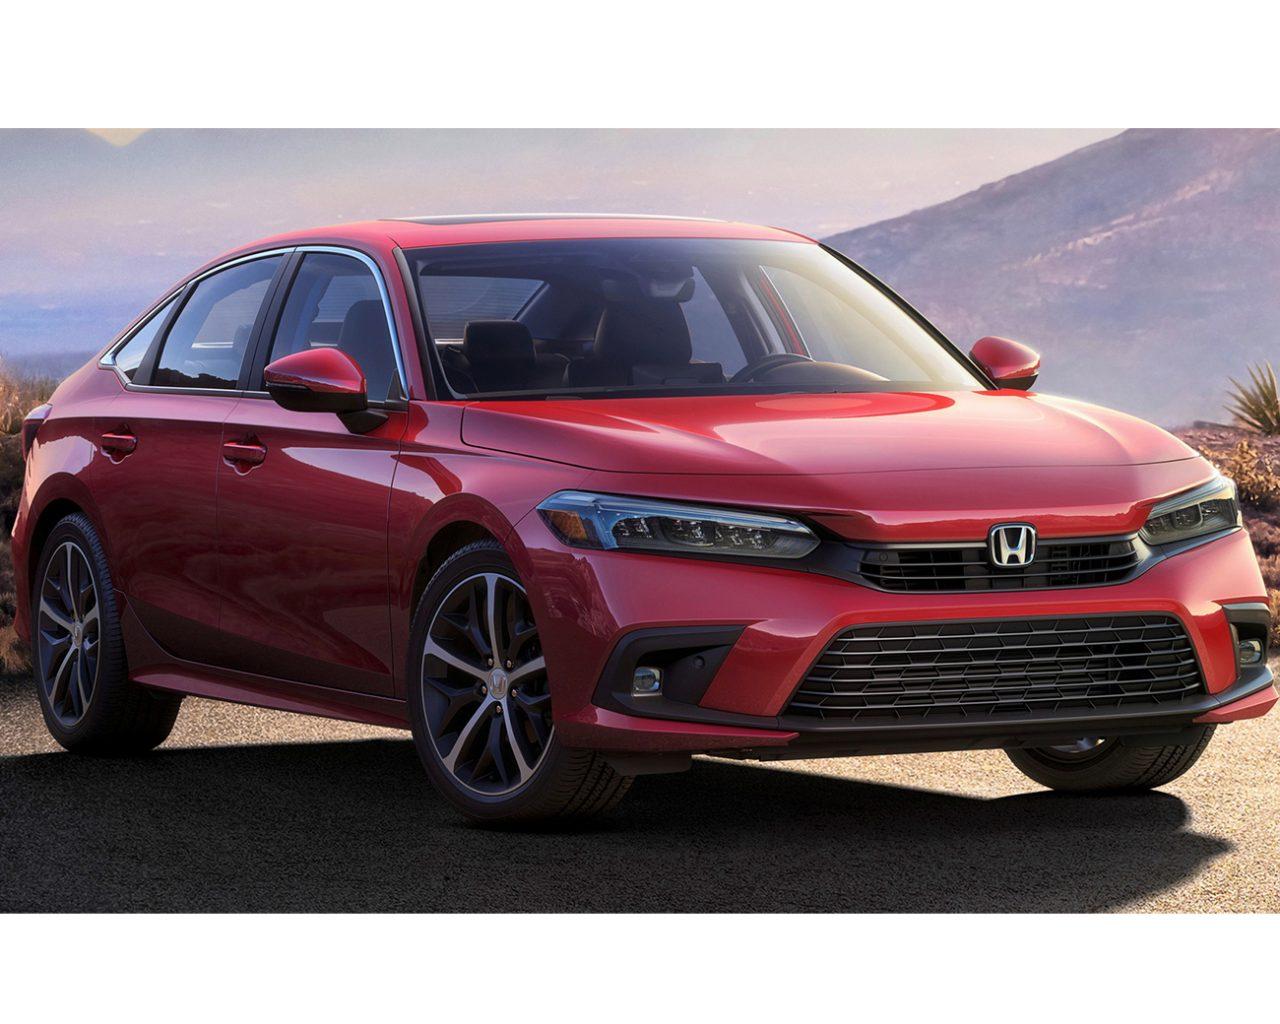 Yeni Nesil Honda Civic Sedan'ın İlk Görseli Ortaya Çıktı